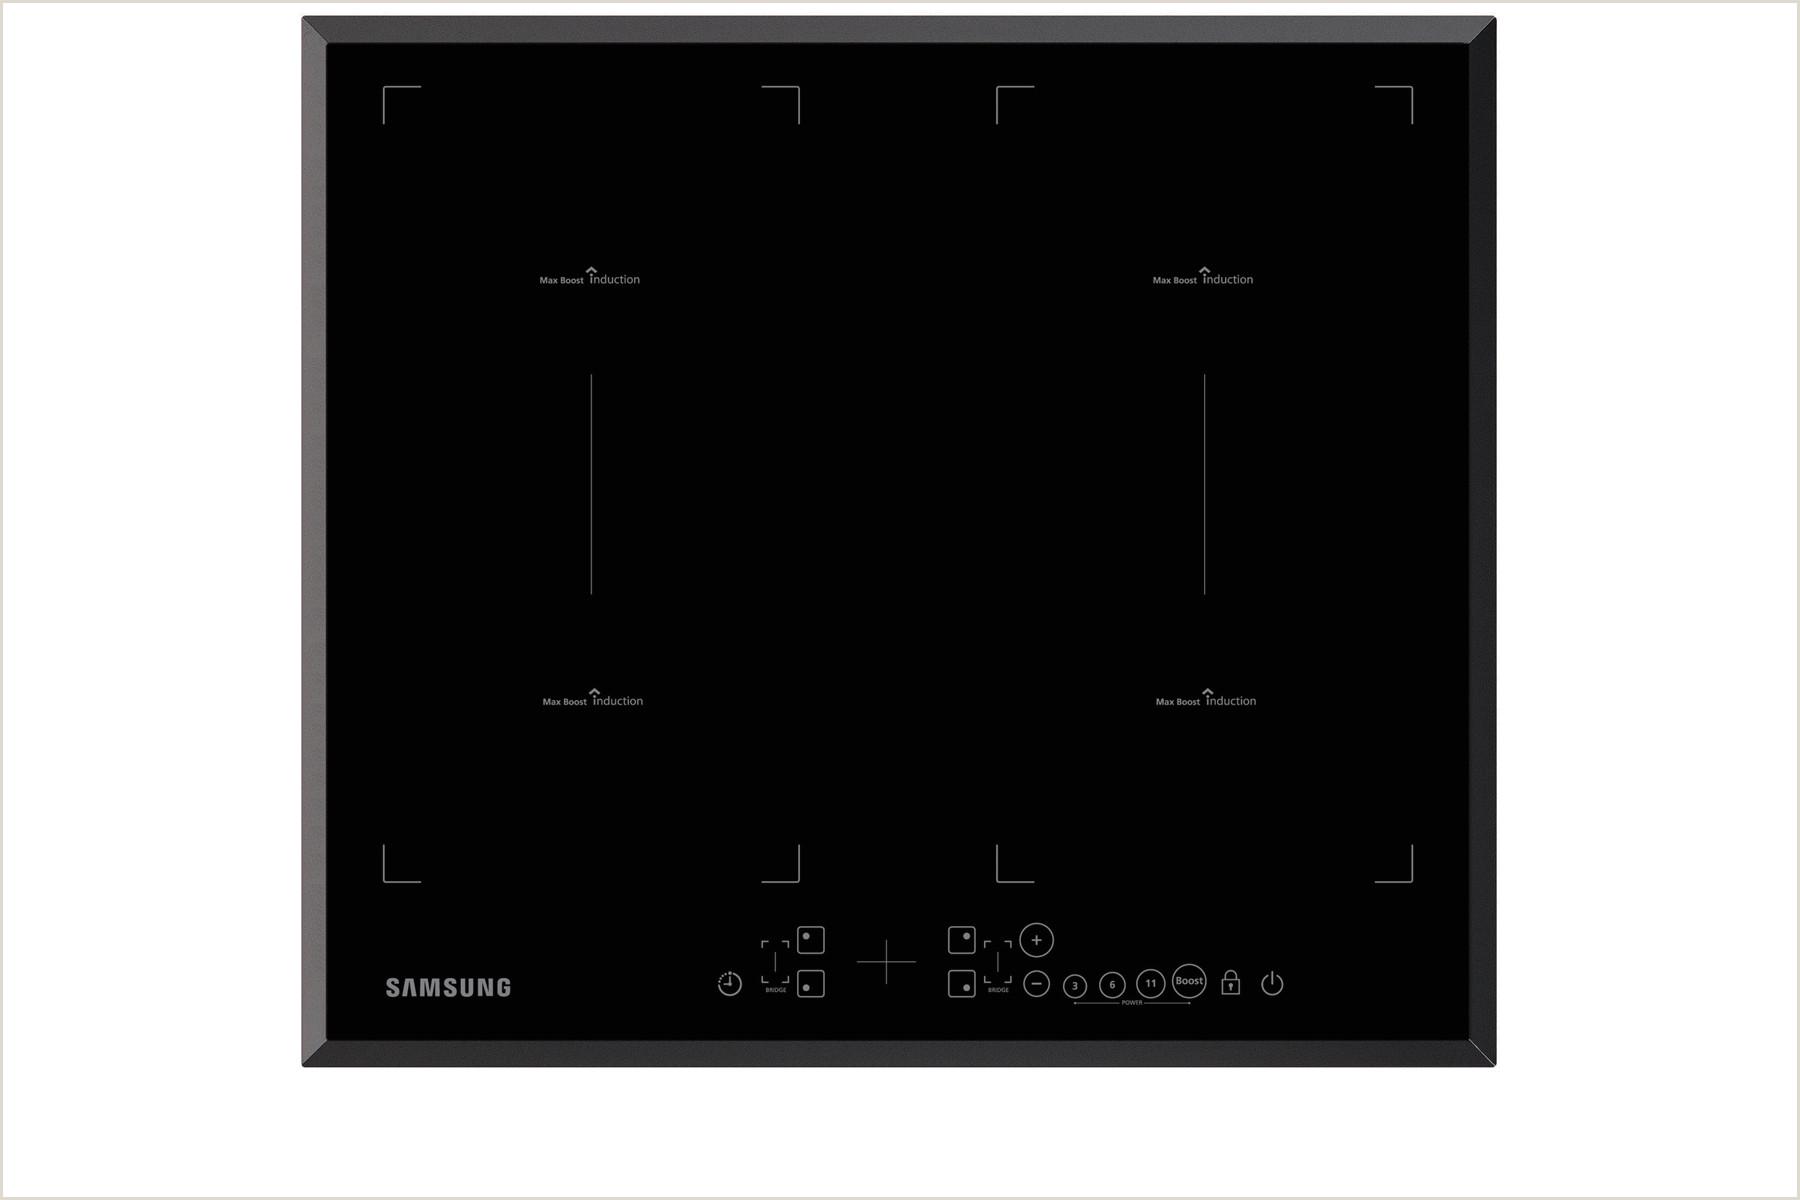 Crear Hoja De Vida formato Unico Samsung Electroménager Plaque De Cuisson Table Induction 2